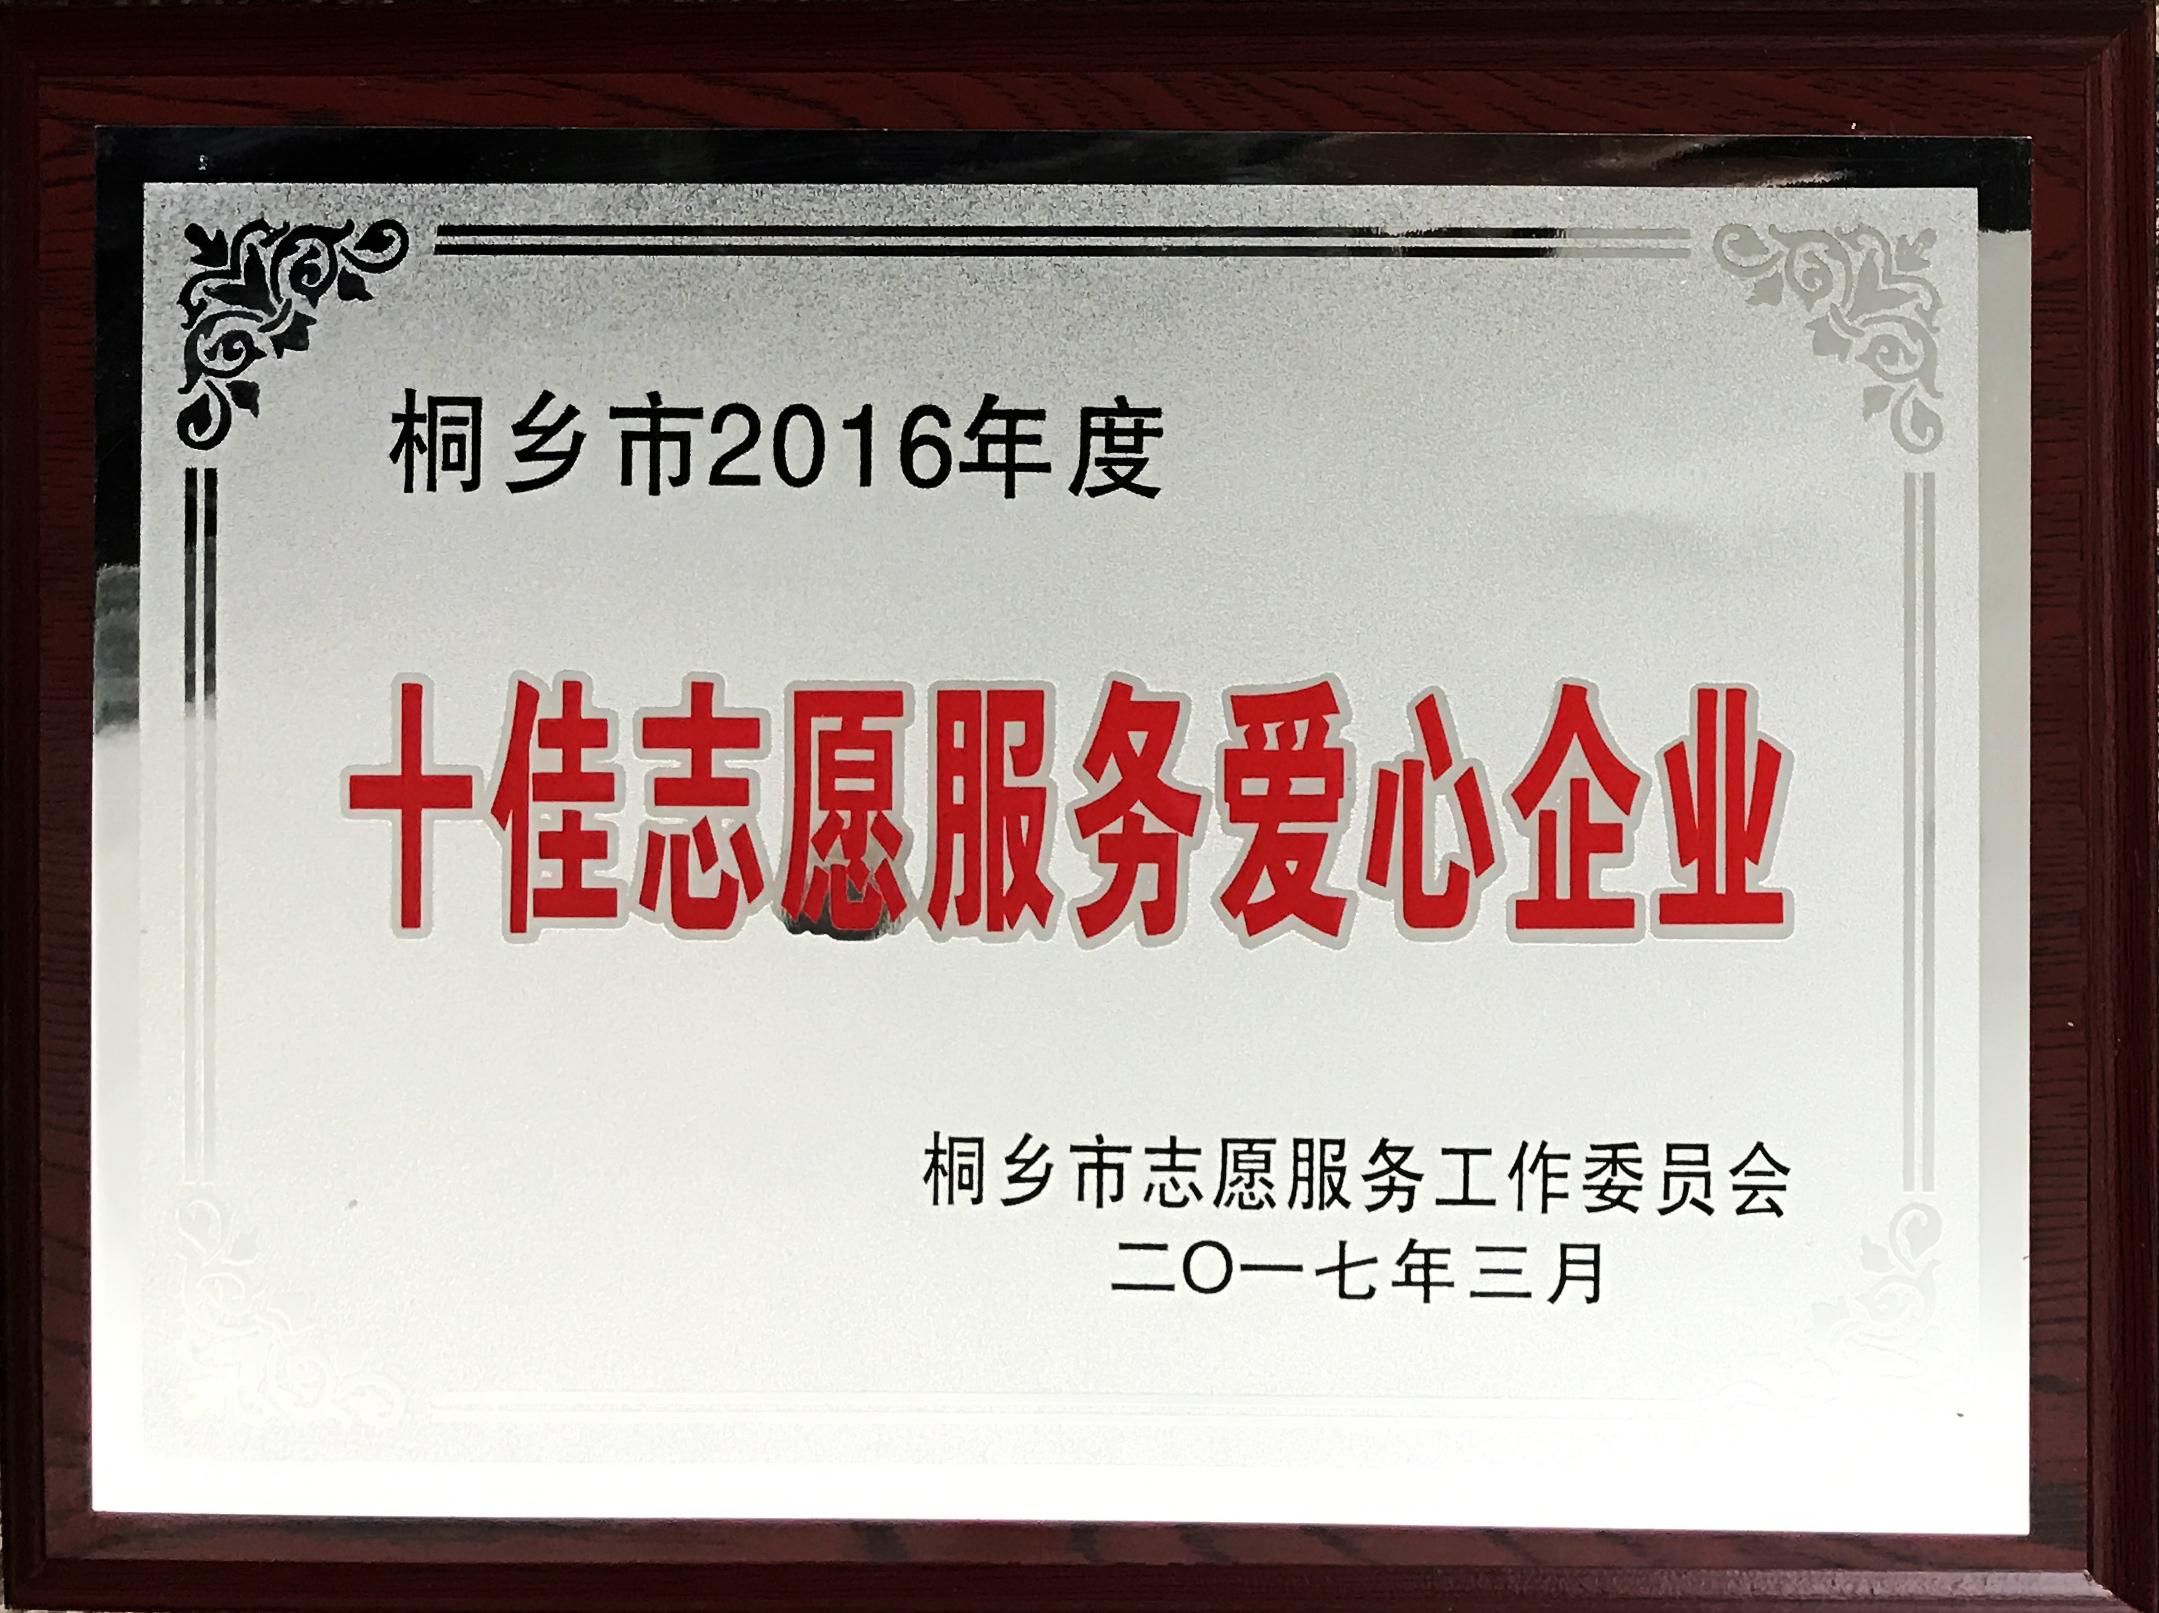 2016年桐乡市十佳志愿服务爱心企业